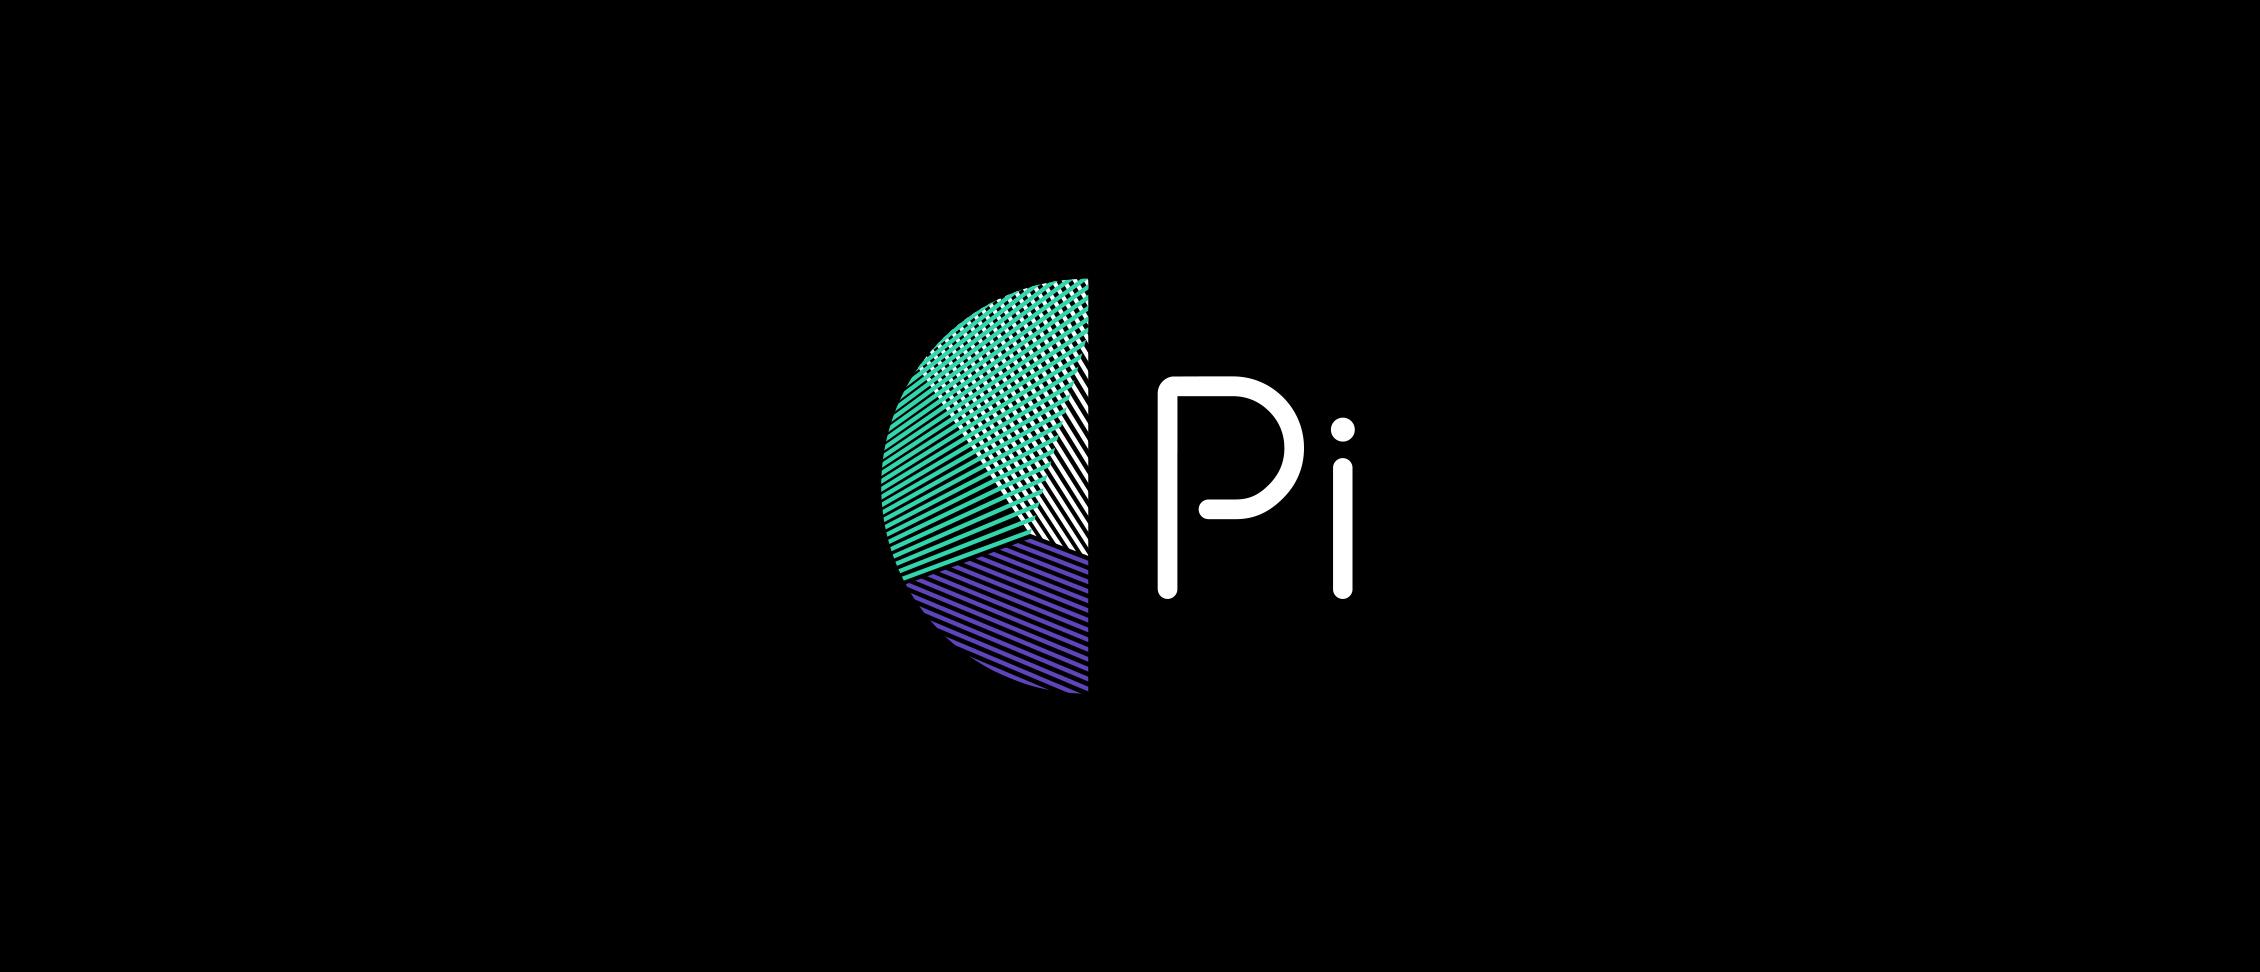 Pi_Web_Identity_Primary.jpg